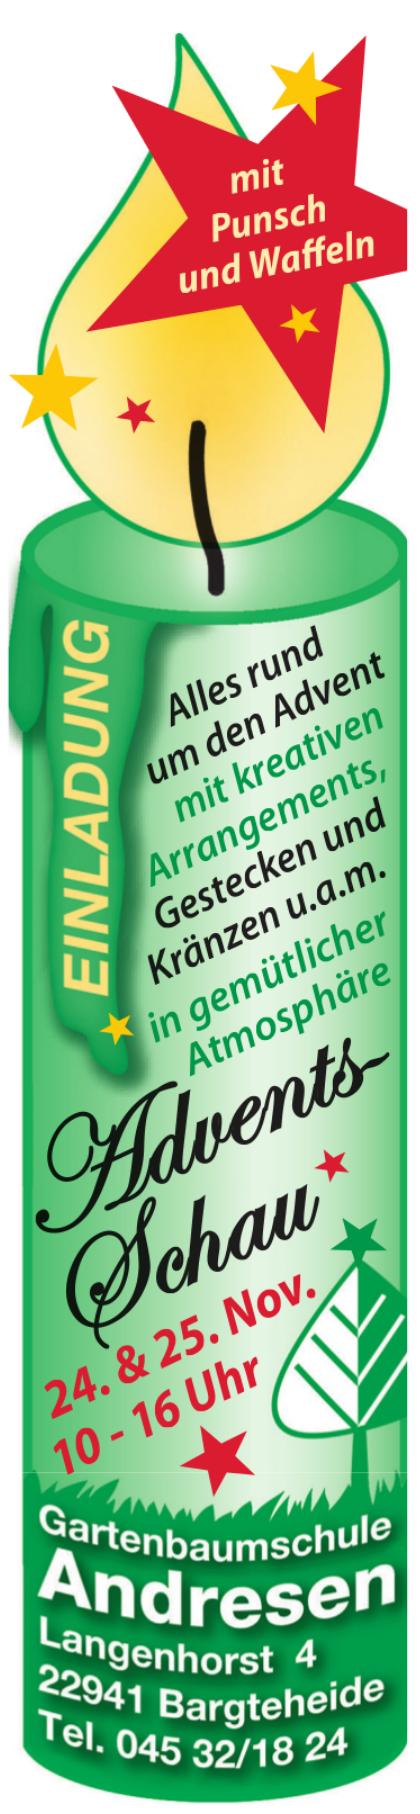 Gartenbaumschule Andresen